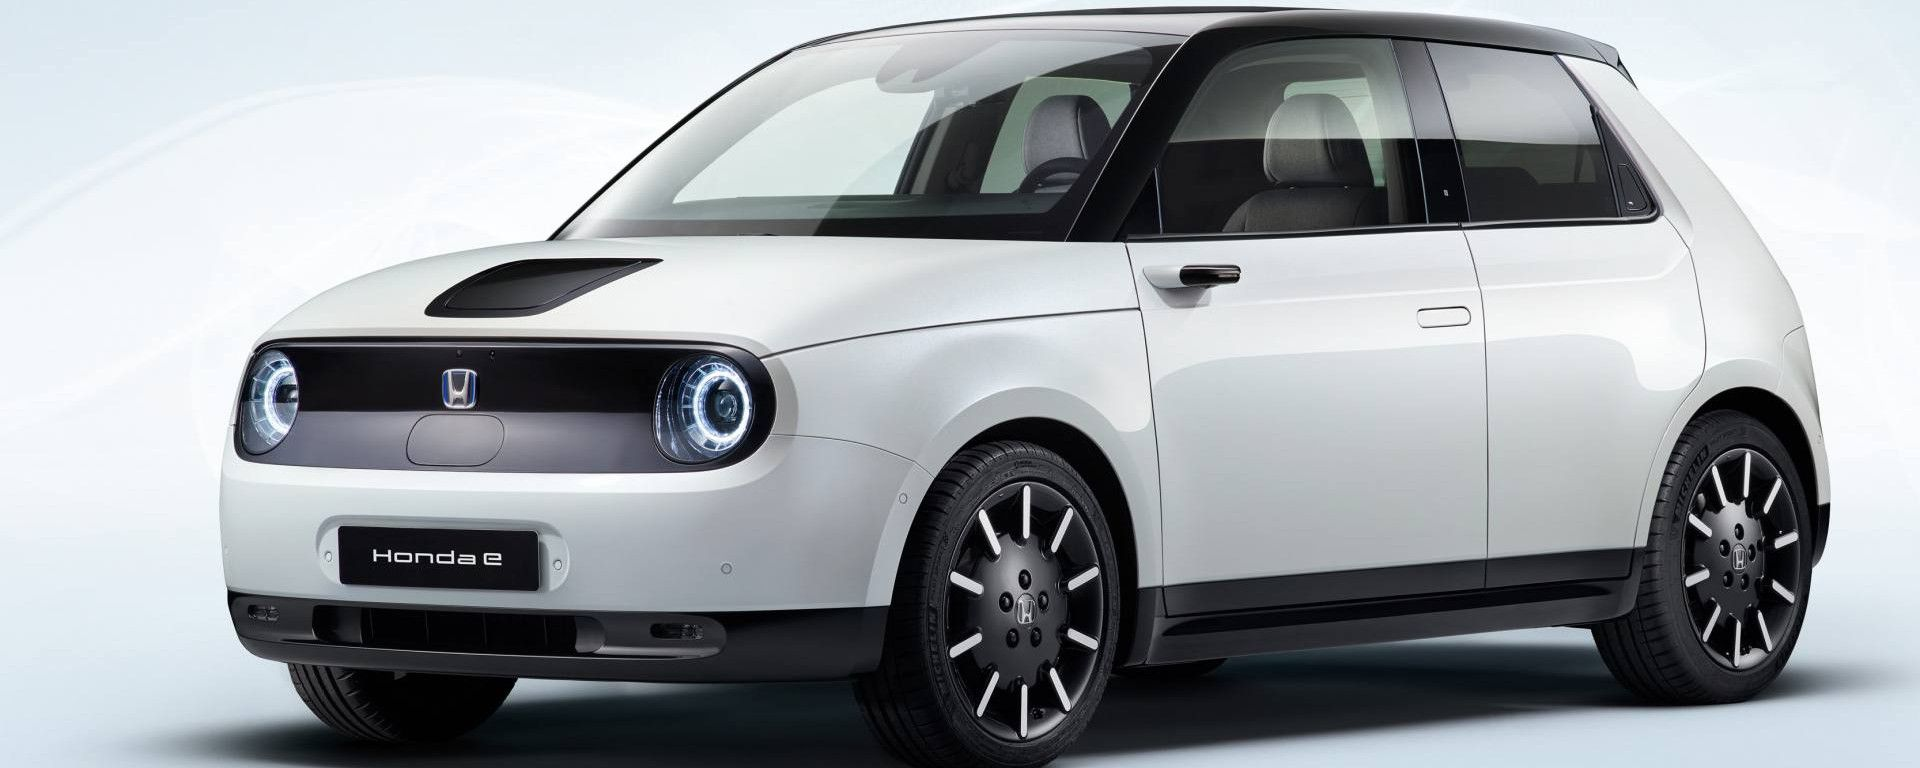 Honda e: la citycar elettrica del marchio giapponese